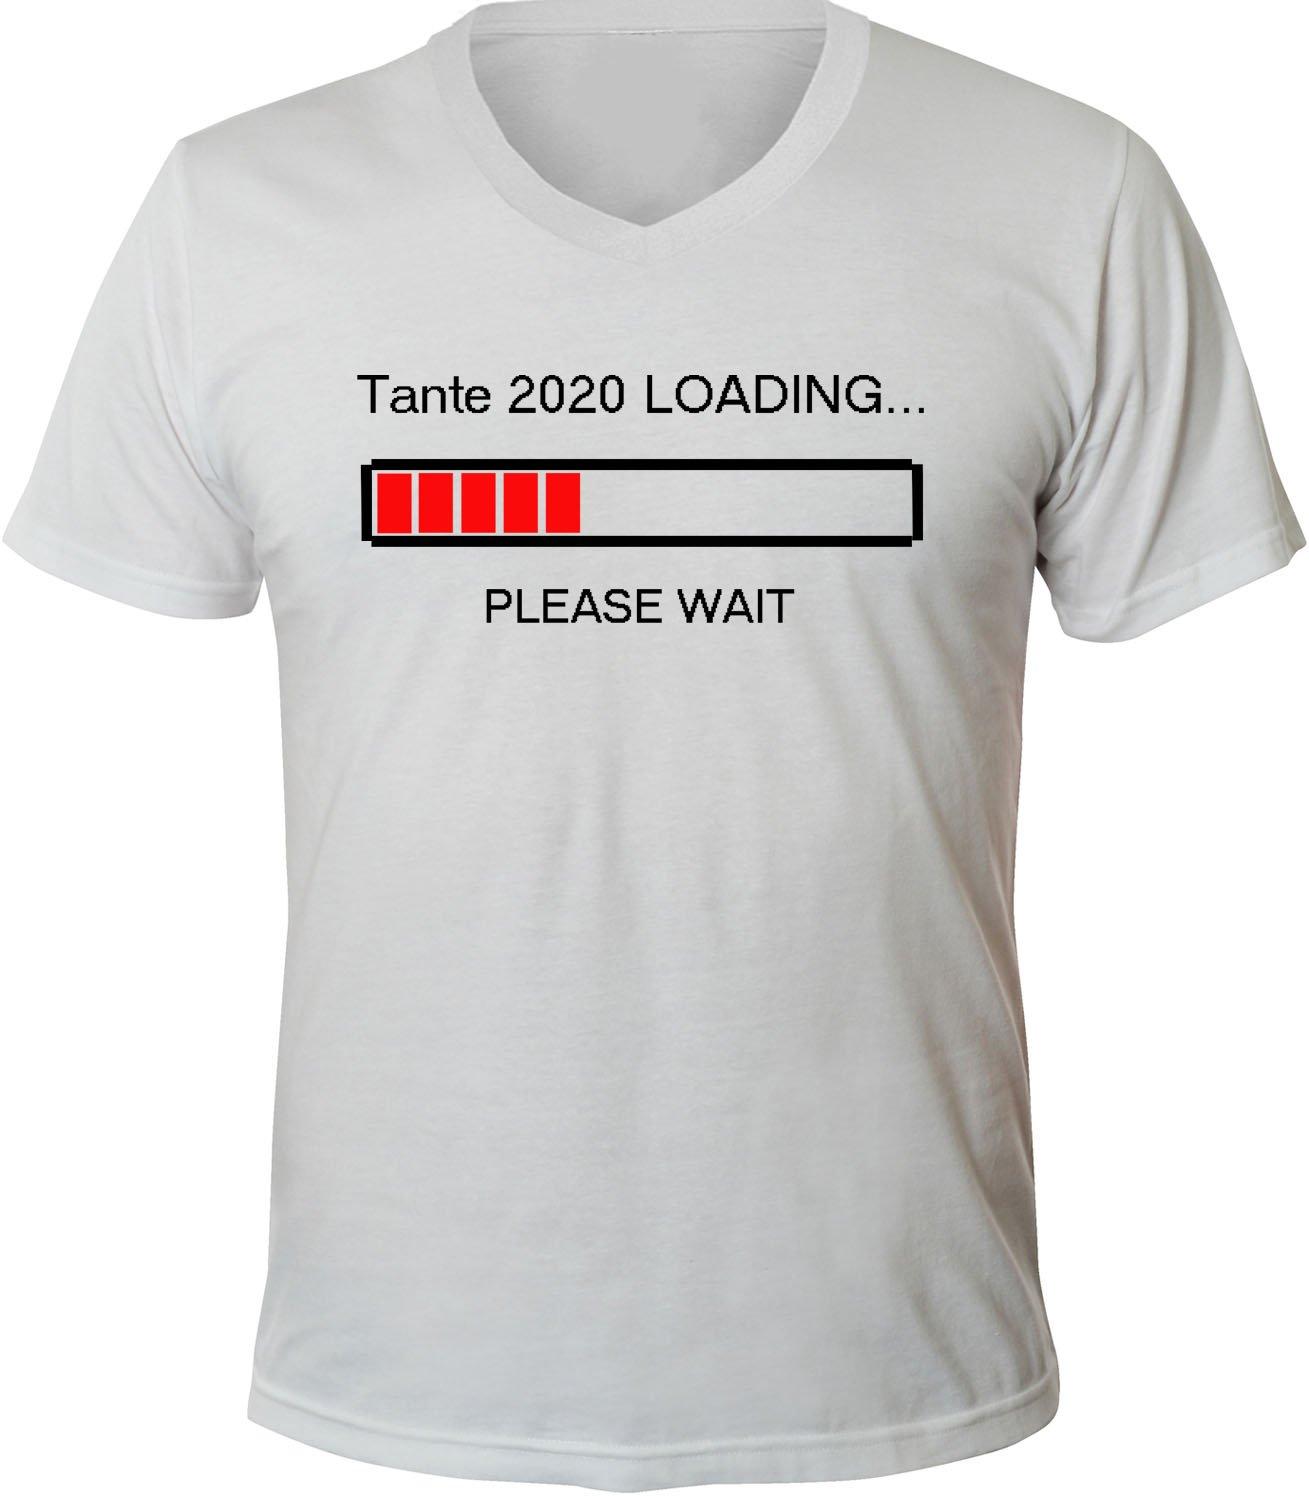 Mister Merchandise Herren Men V-Ausschnitt T-Shirt Tante 2020 Loading Tee  Shirt Neck Bedruckt: Amazon.de: Bekleidung